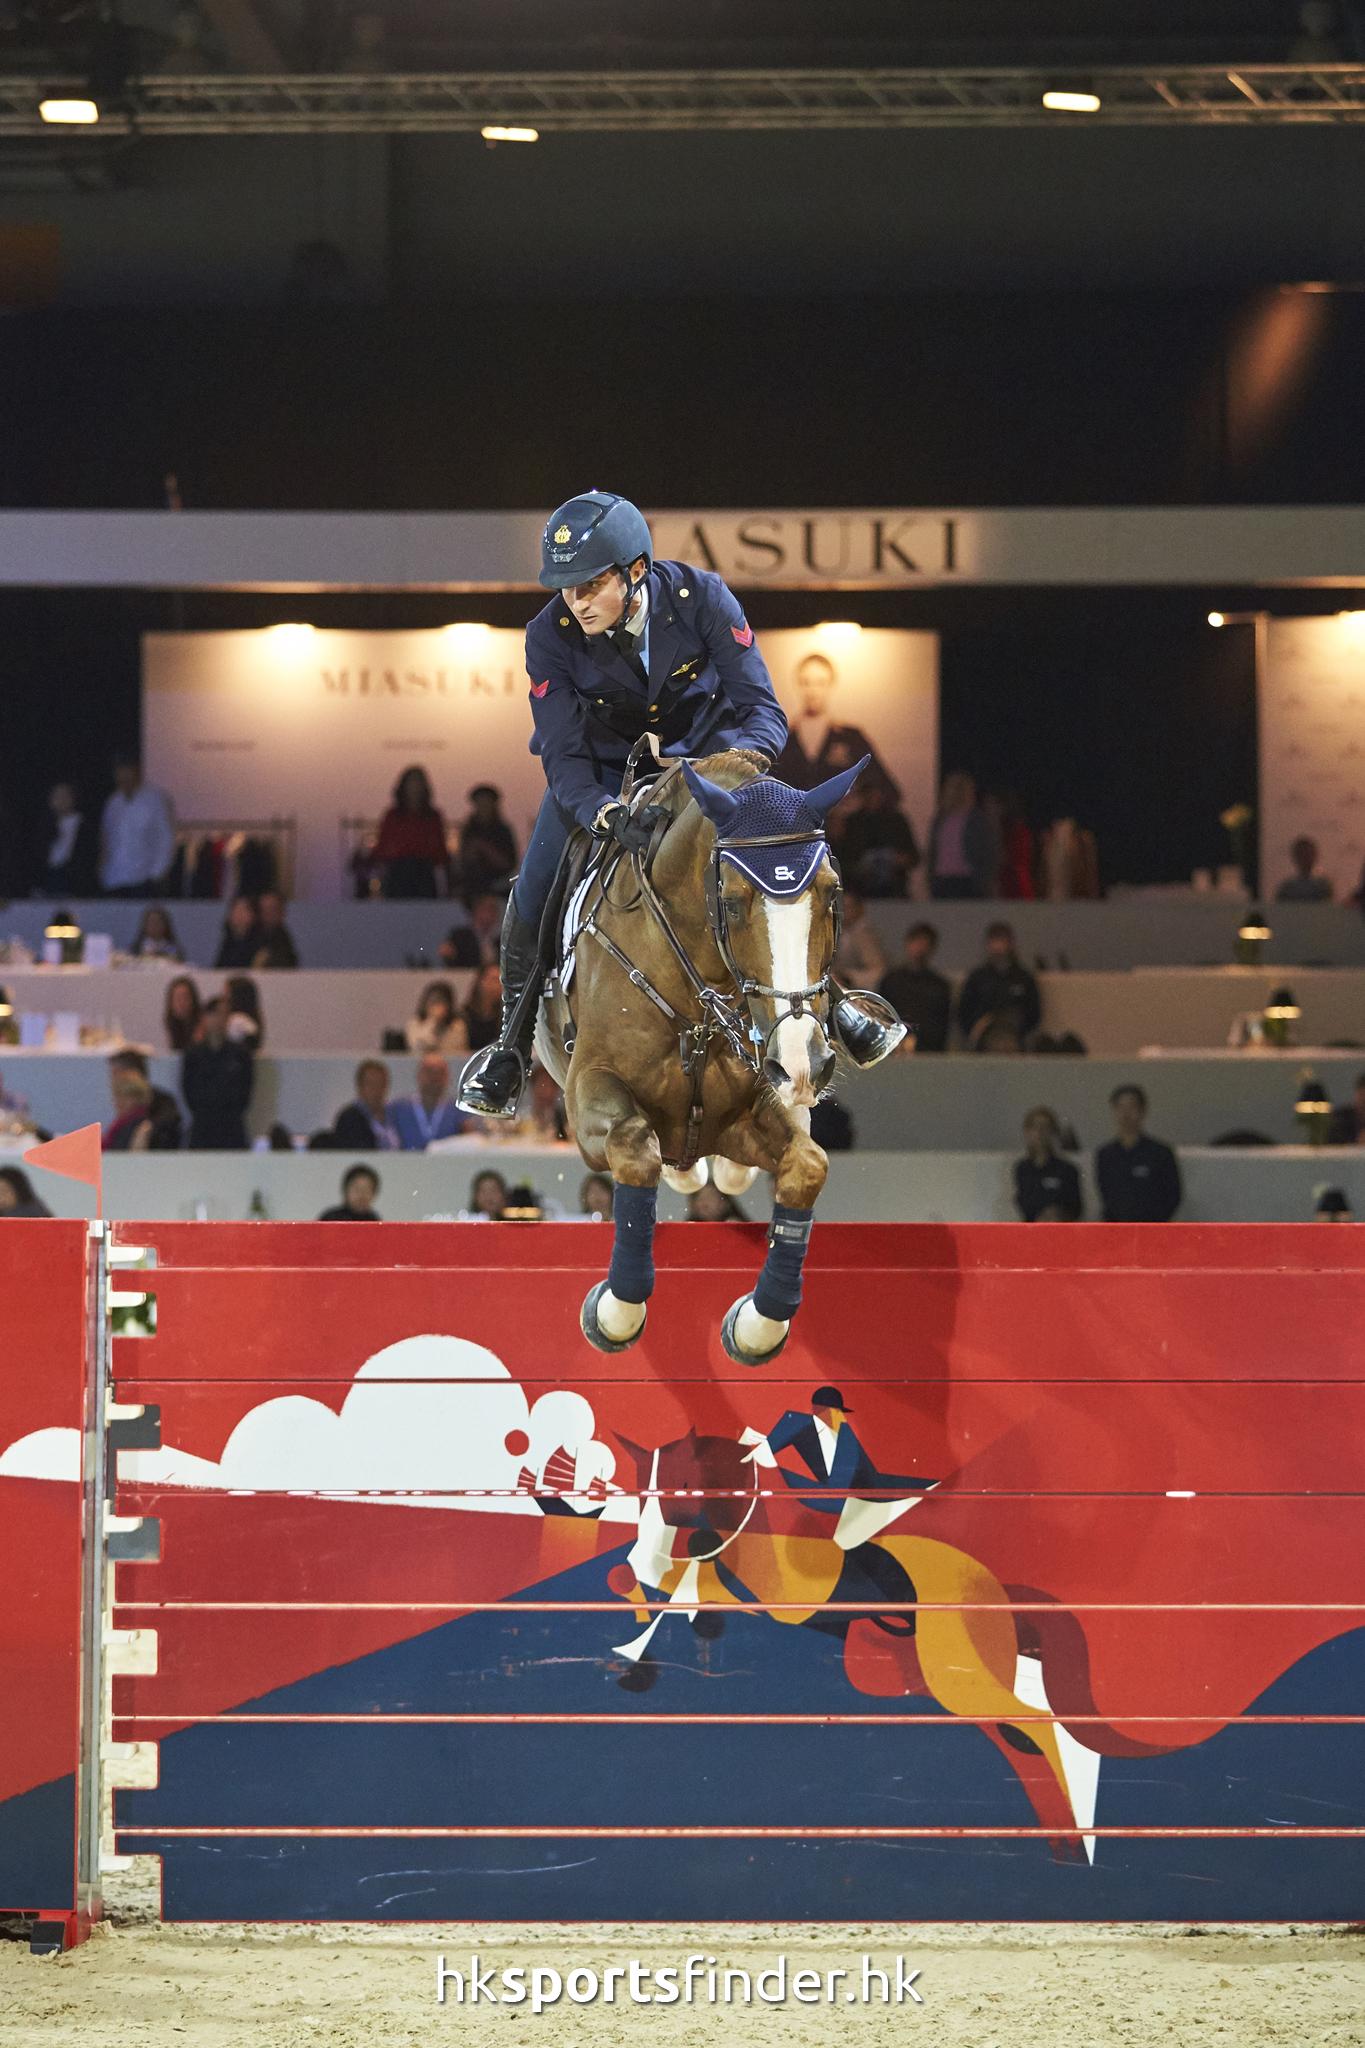 LUK_HORSE_17-02-12-16-04-48_0894.jpg